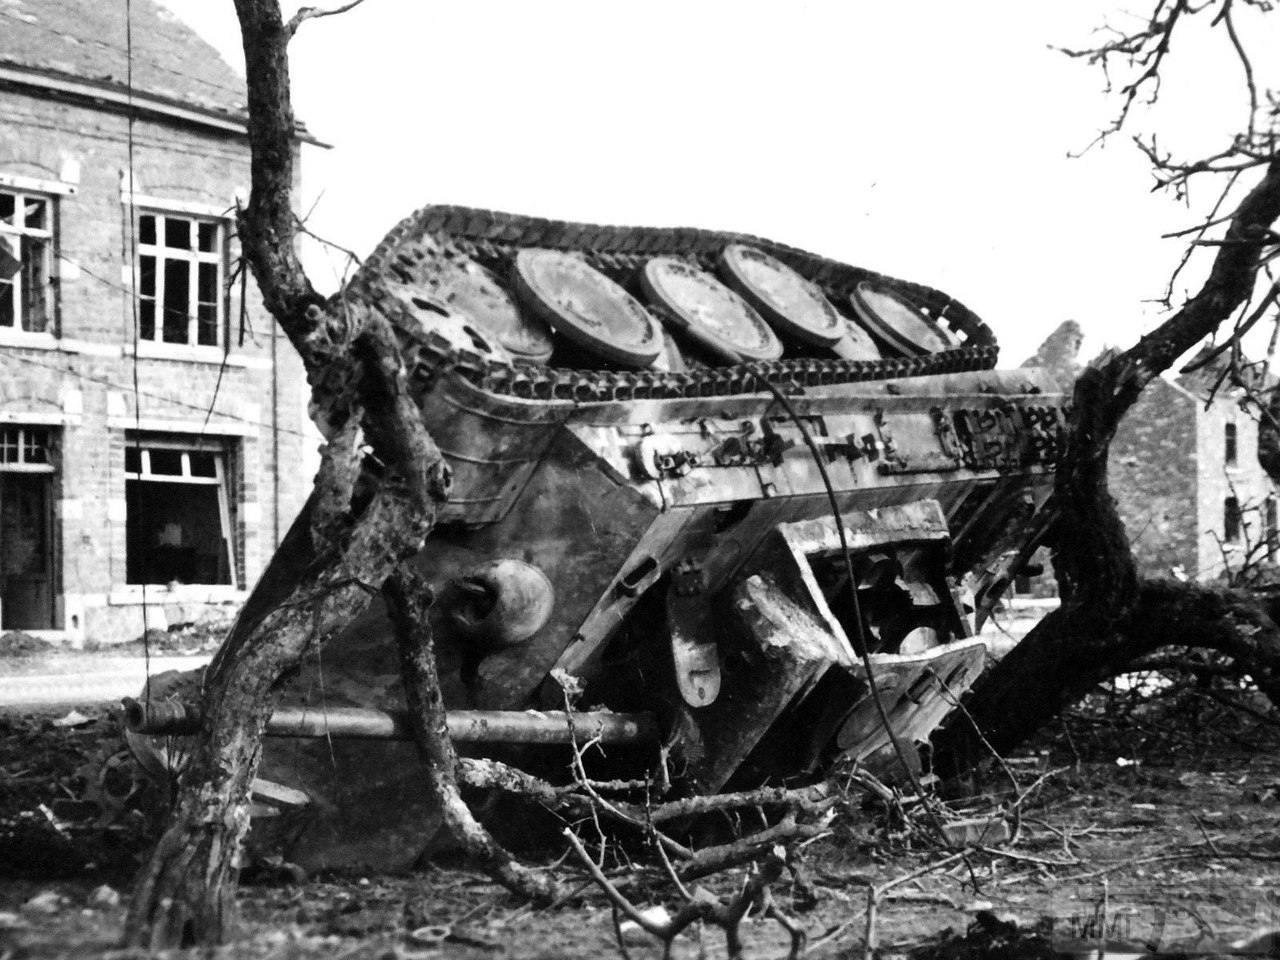 102968 - Achtung Panzer!